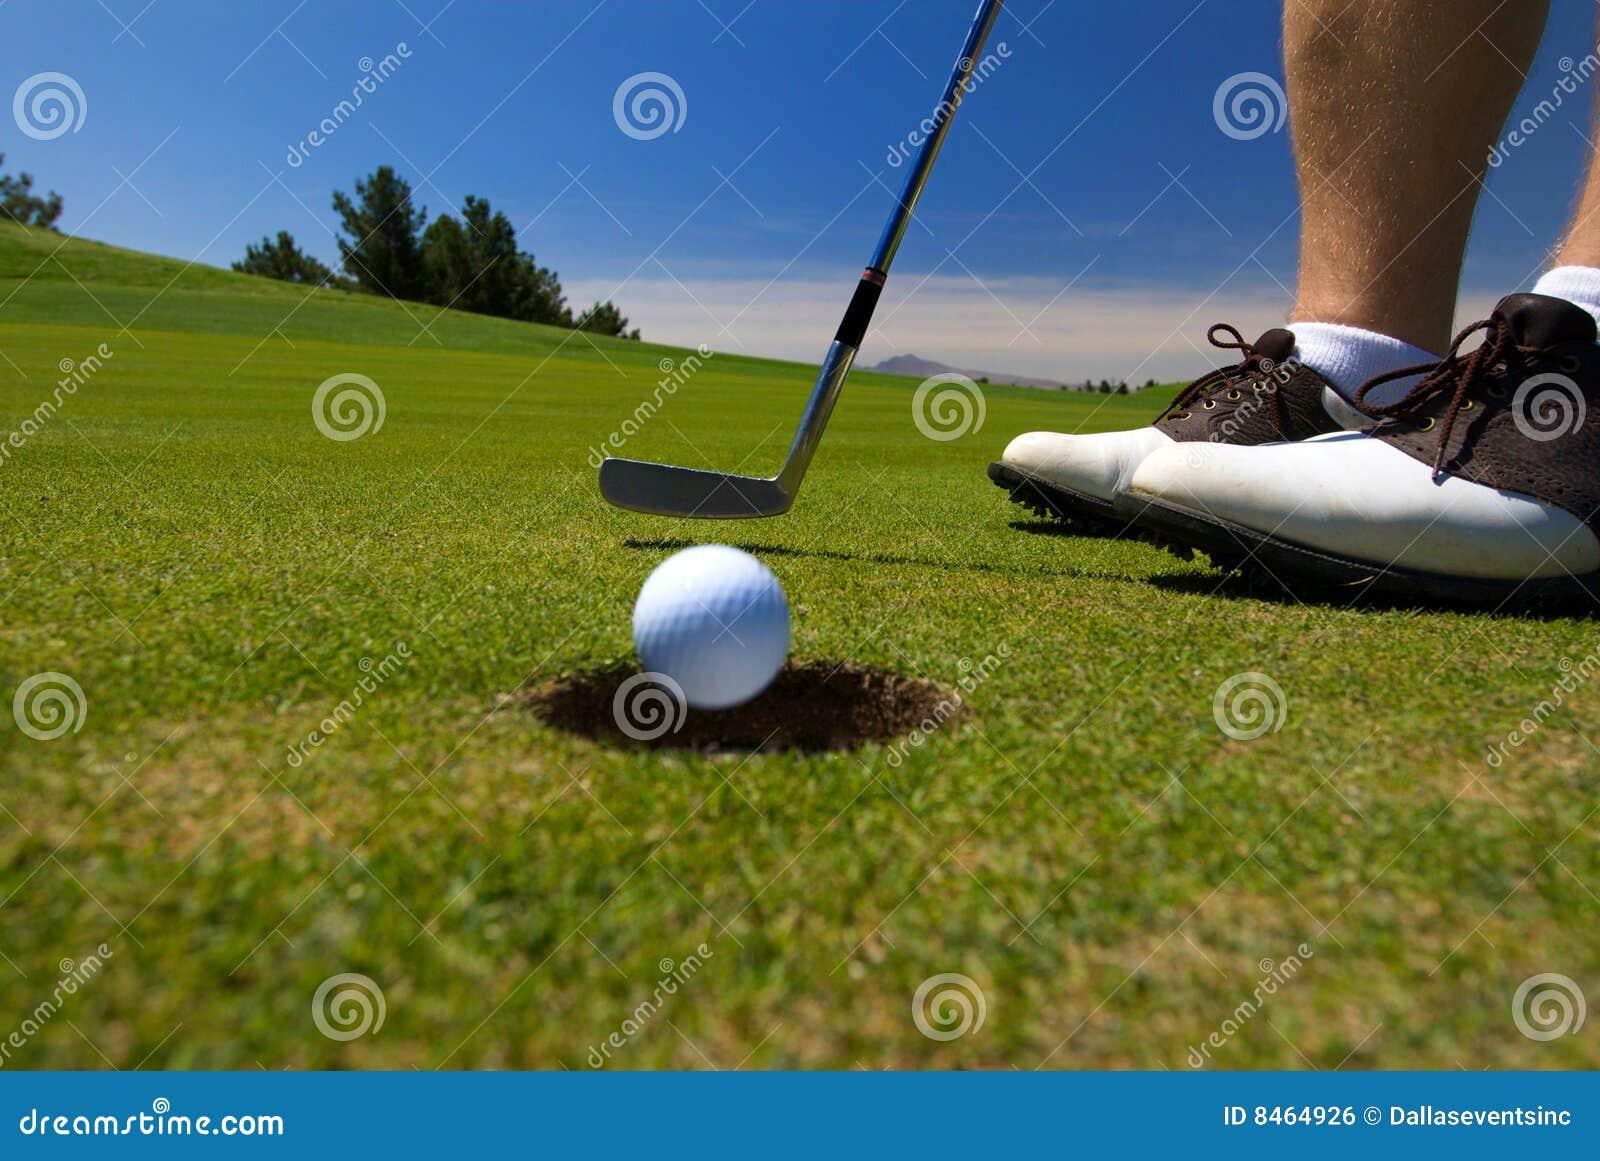 Giocatore di golf vicino fuori dall un a Tire in su